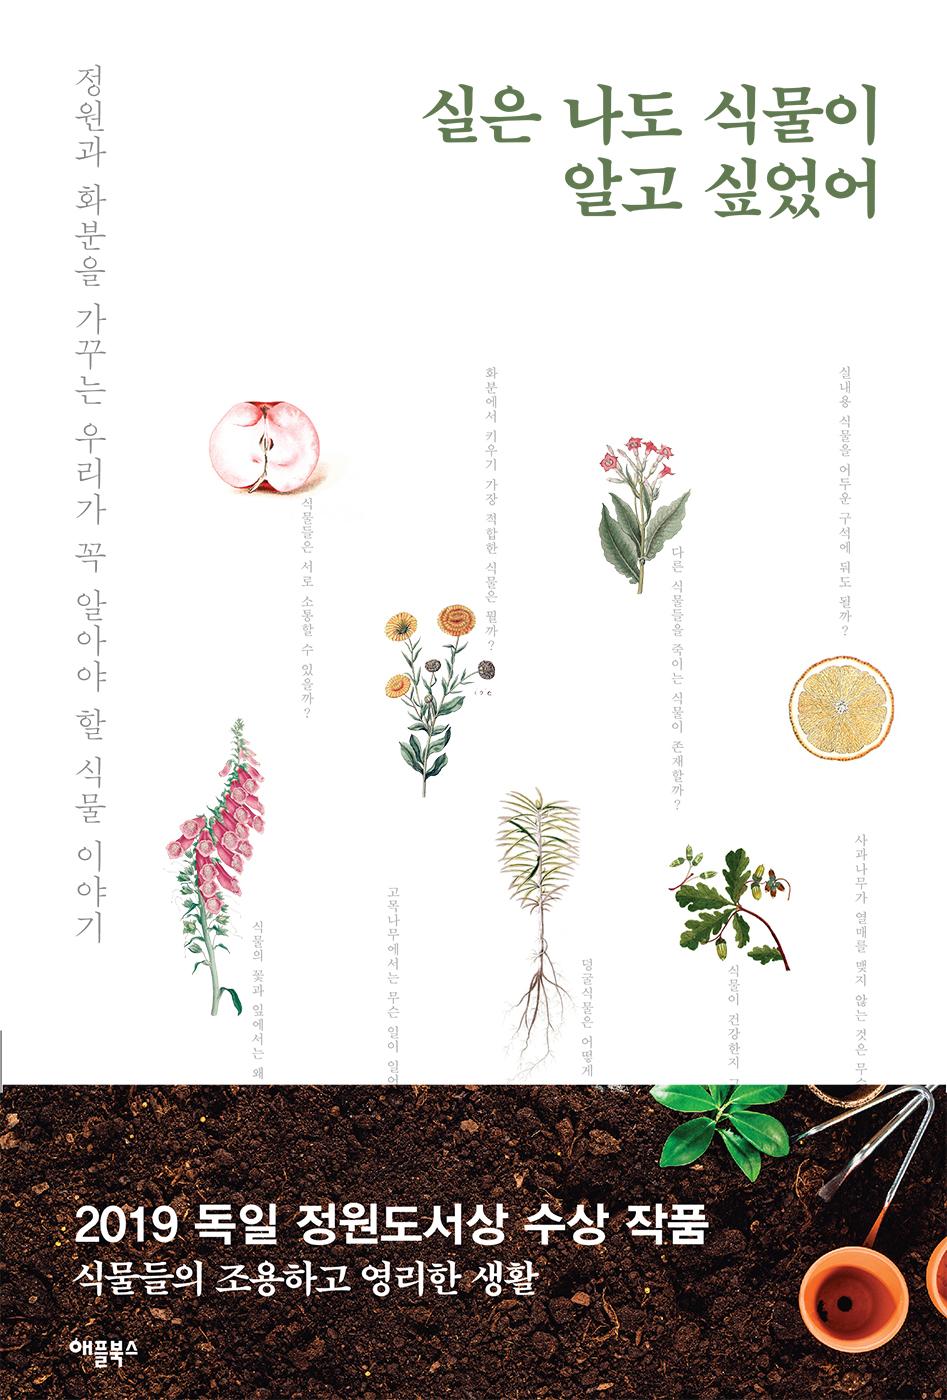 실은 나도 식물이 알고 싶었어 : 정원과 화분을 가꾸는 우리가 꼭 알아야 할 식물 이야기